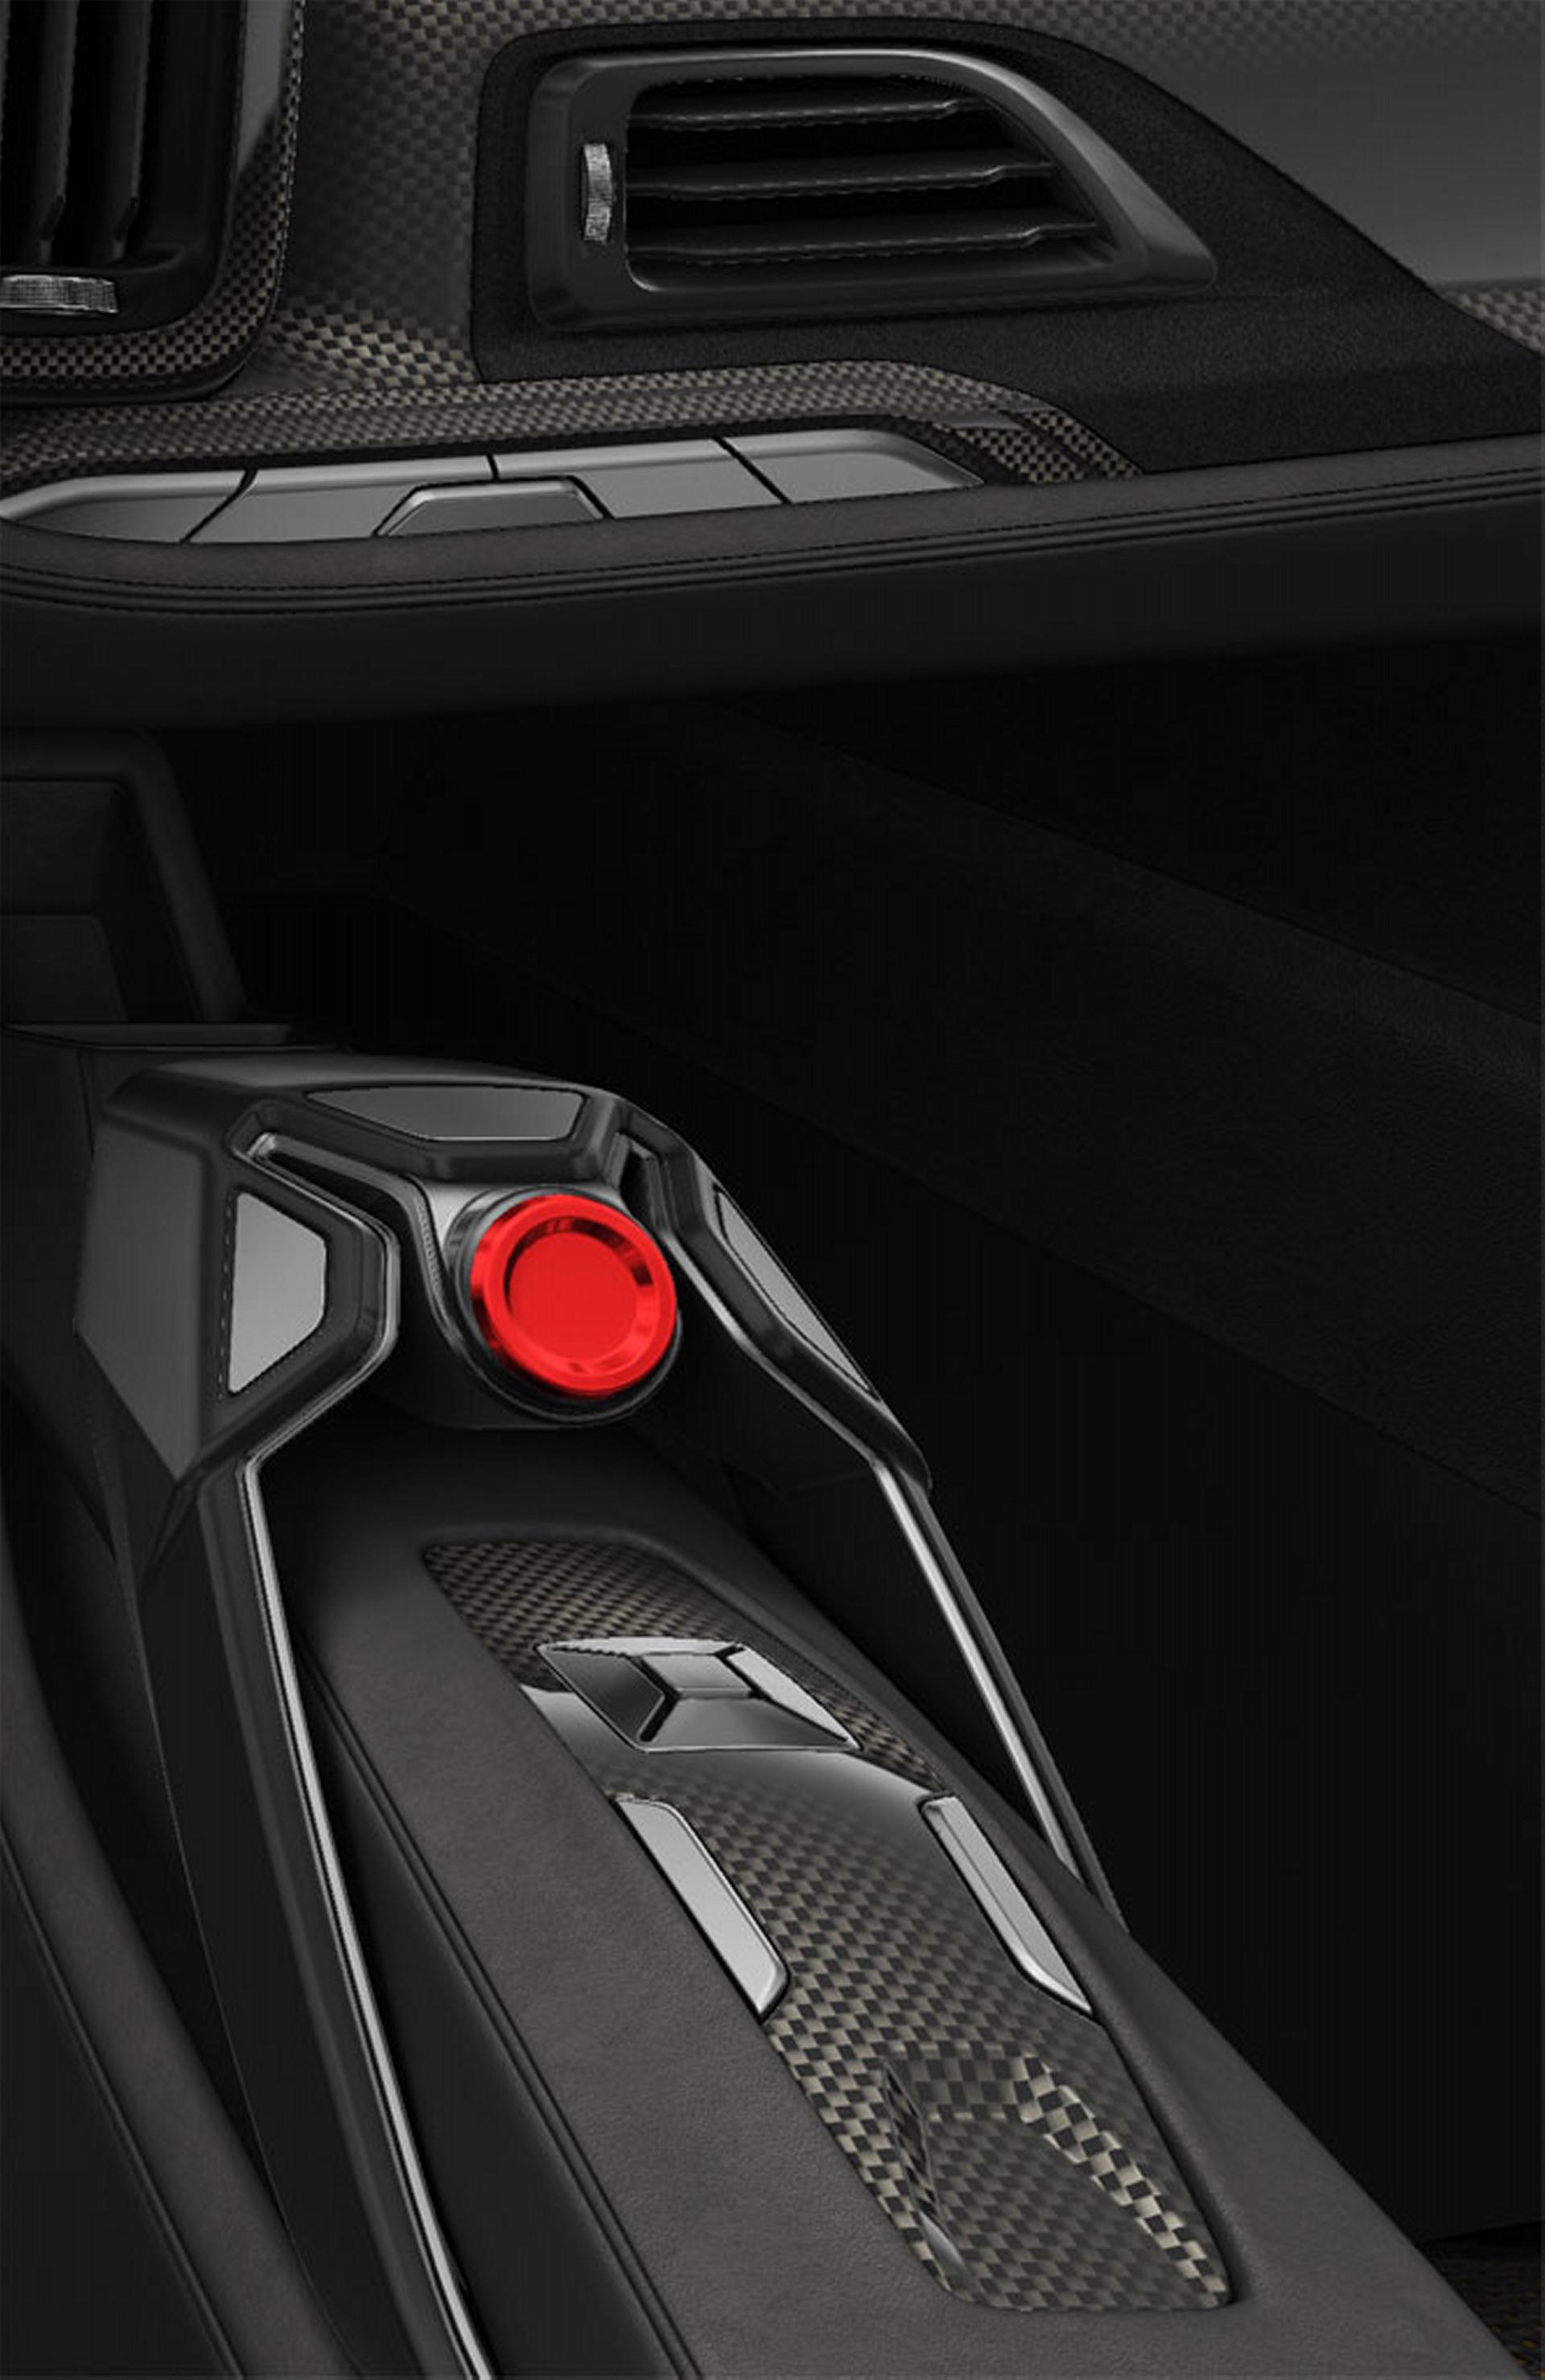 https://www.conceptcarz.com/images/Lotus/2010-Lotus-Elan-Concept-Image-i01.jpg